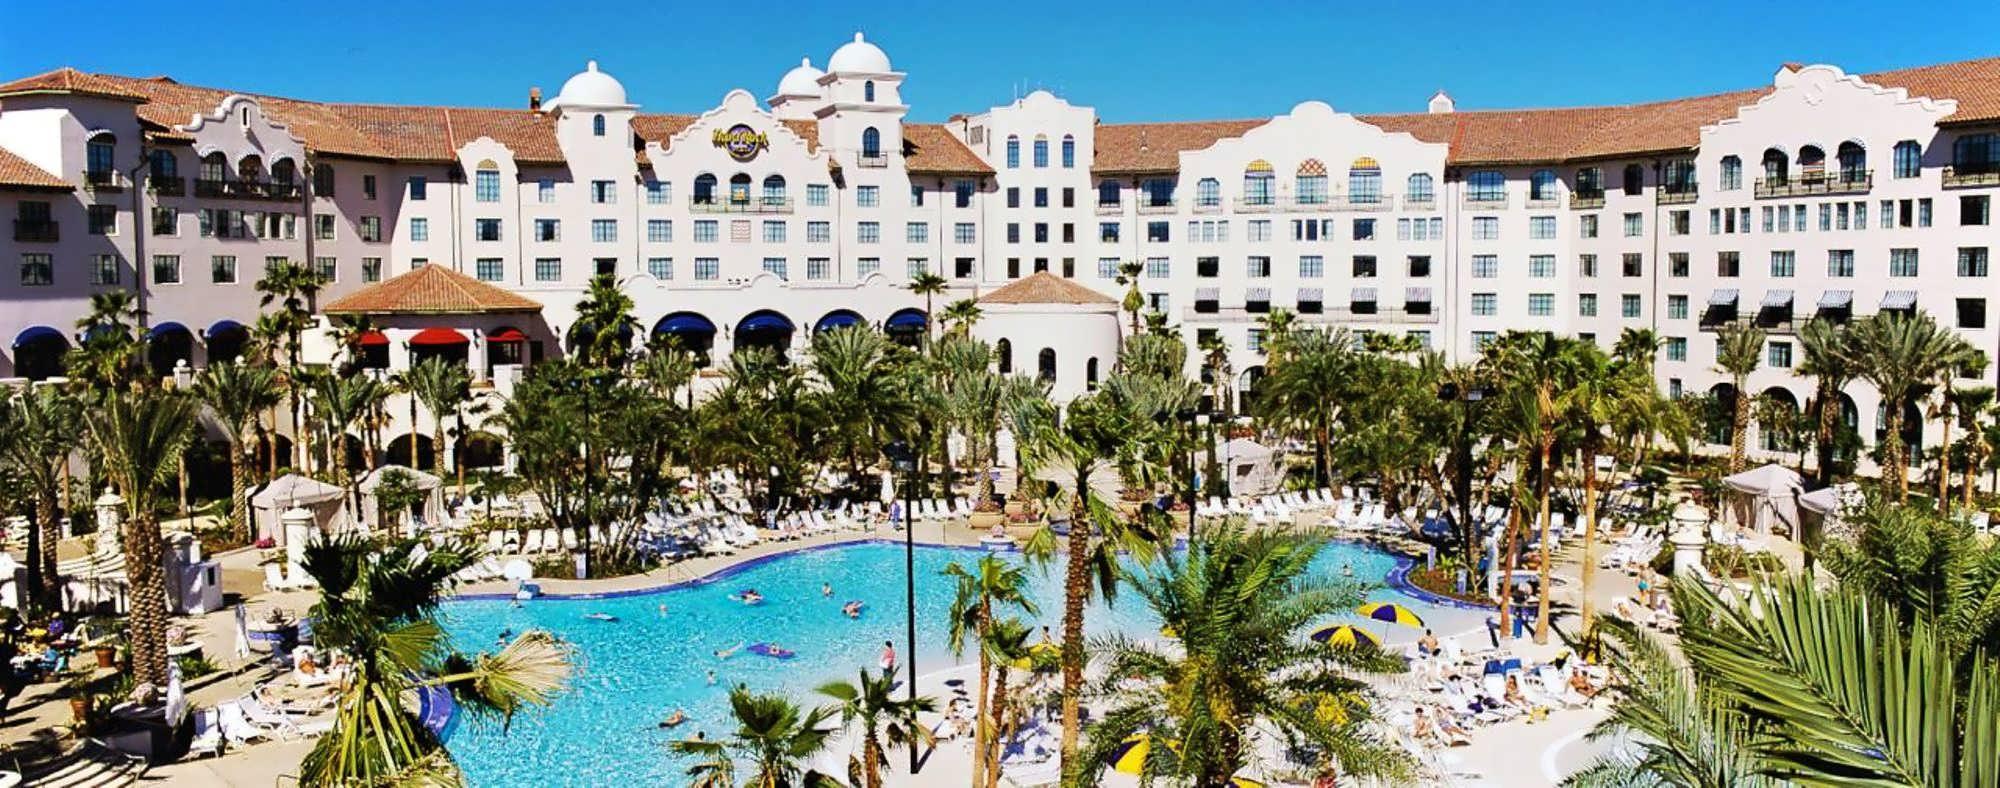 Best Universal Orlando Hotel